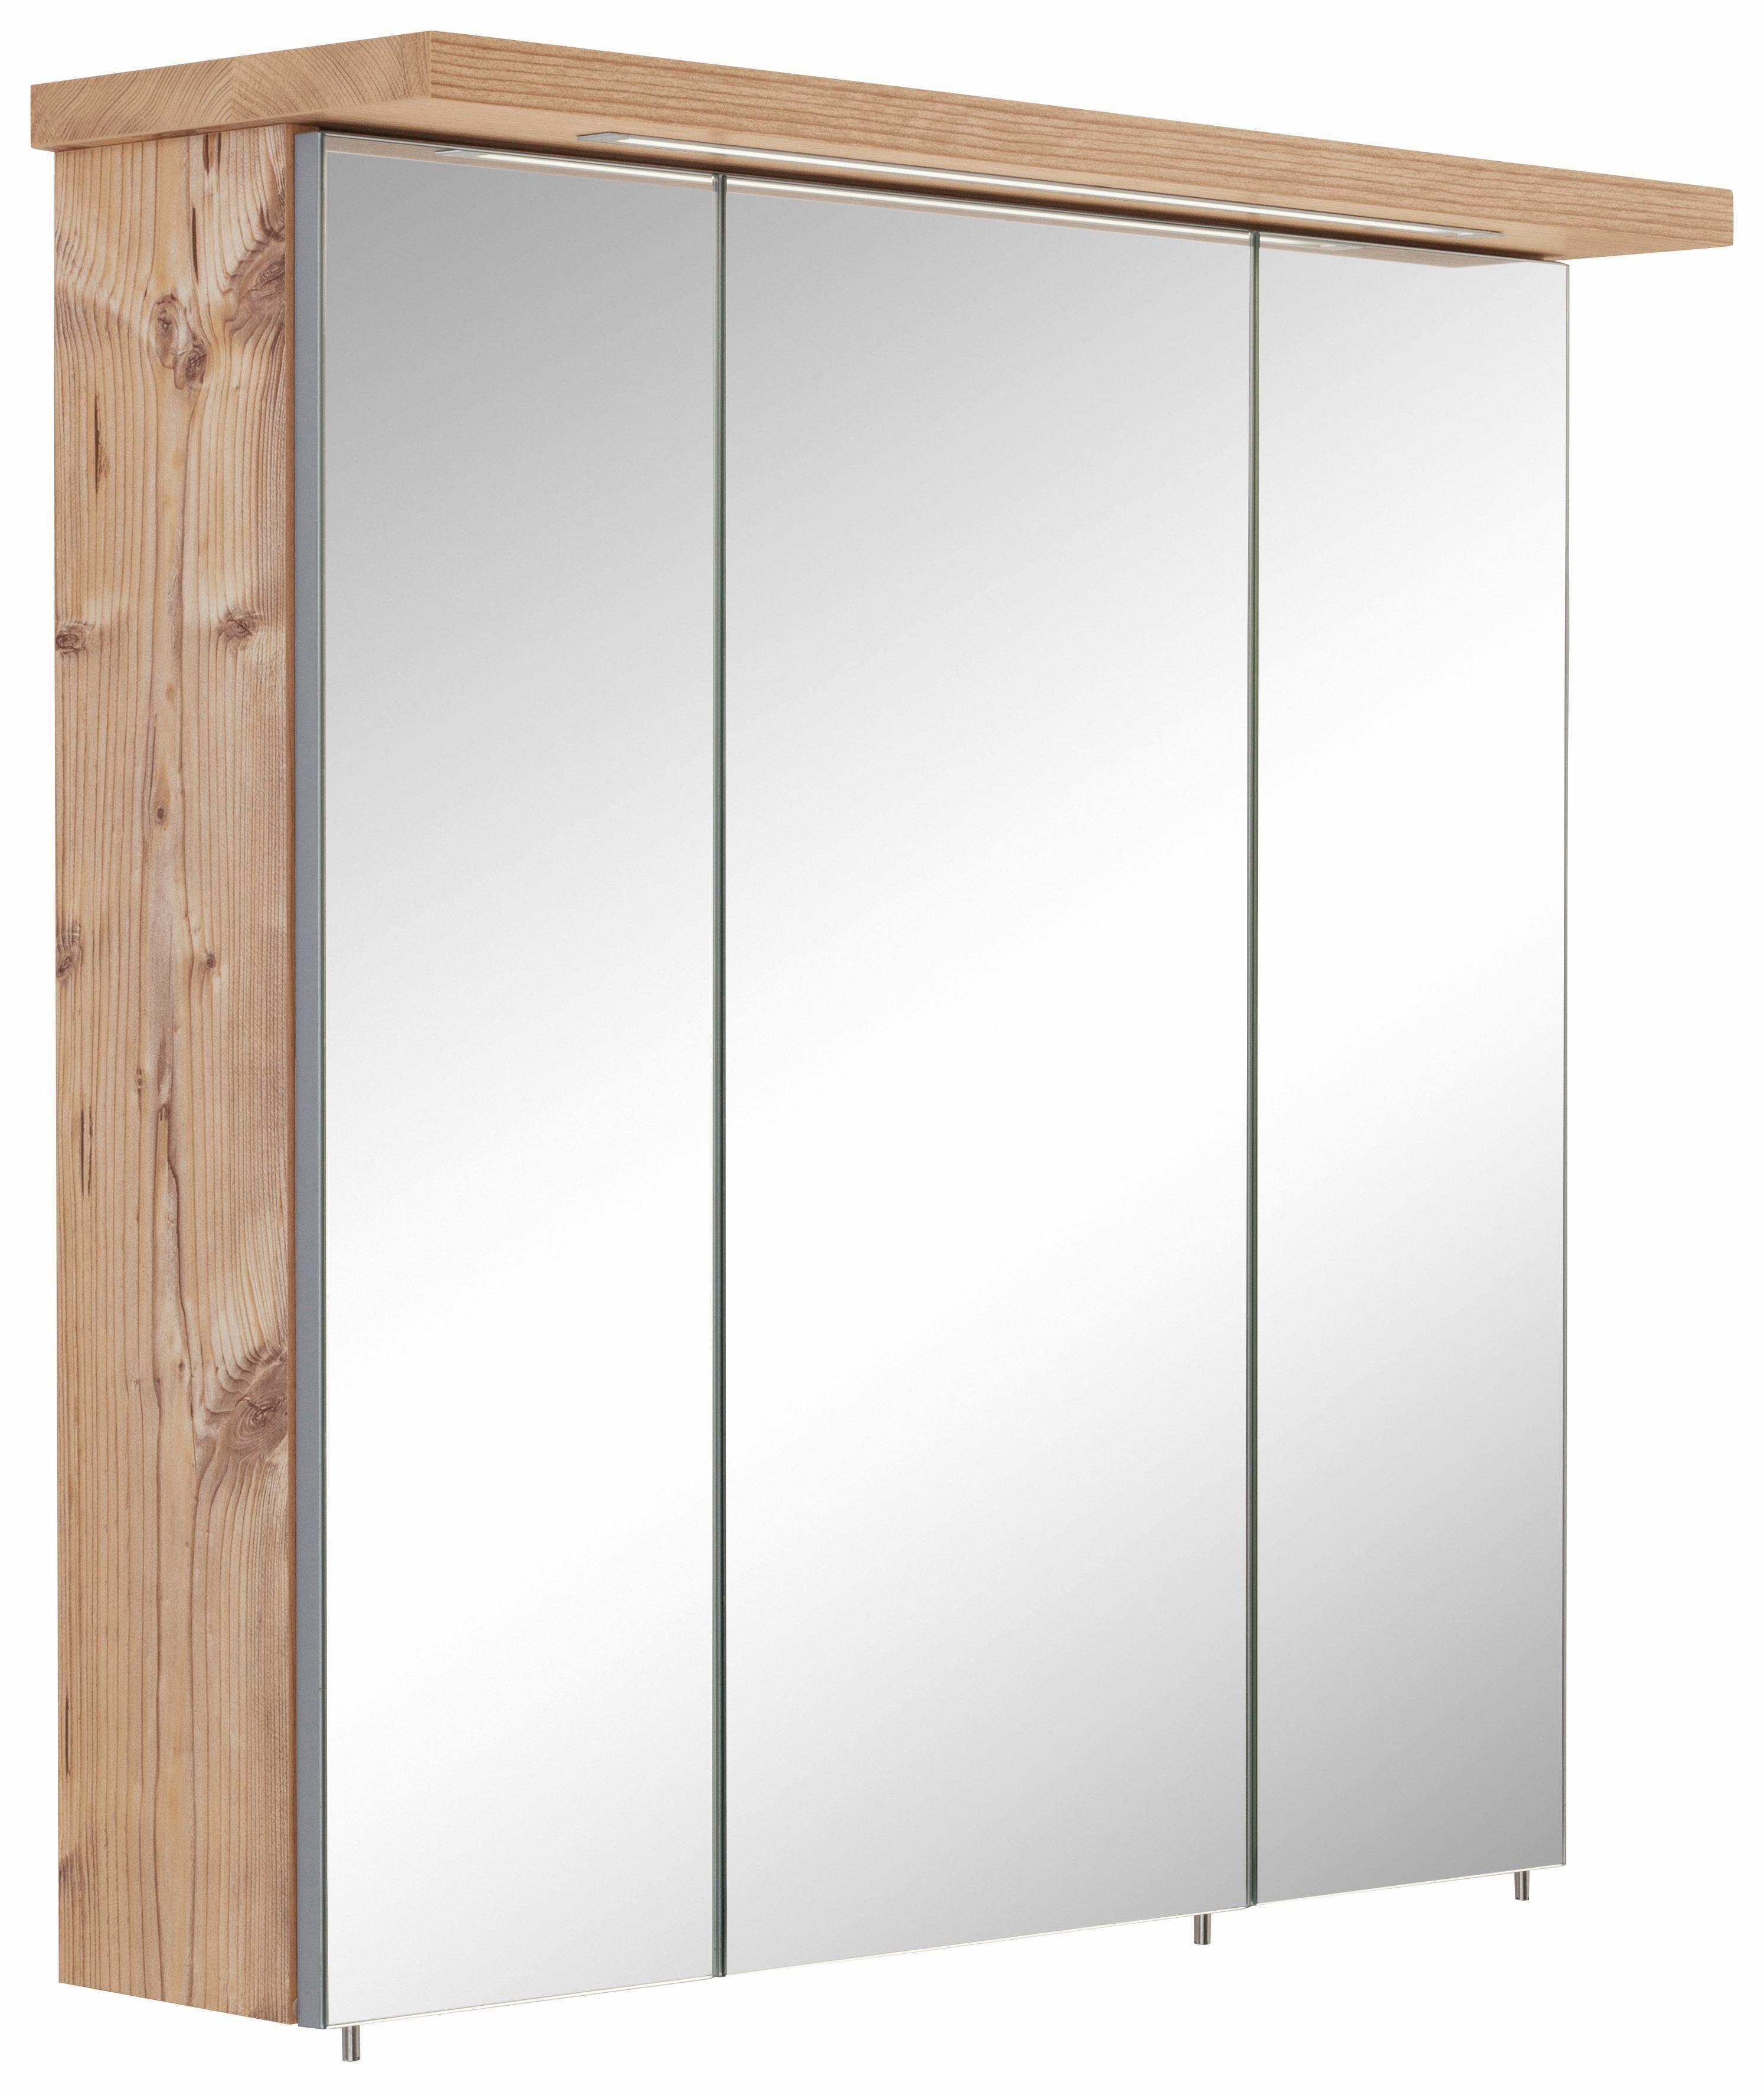 Schildmeyer Spiegelschrank »Profil 25« mit LED-Beleuchtung